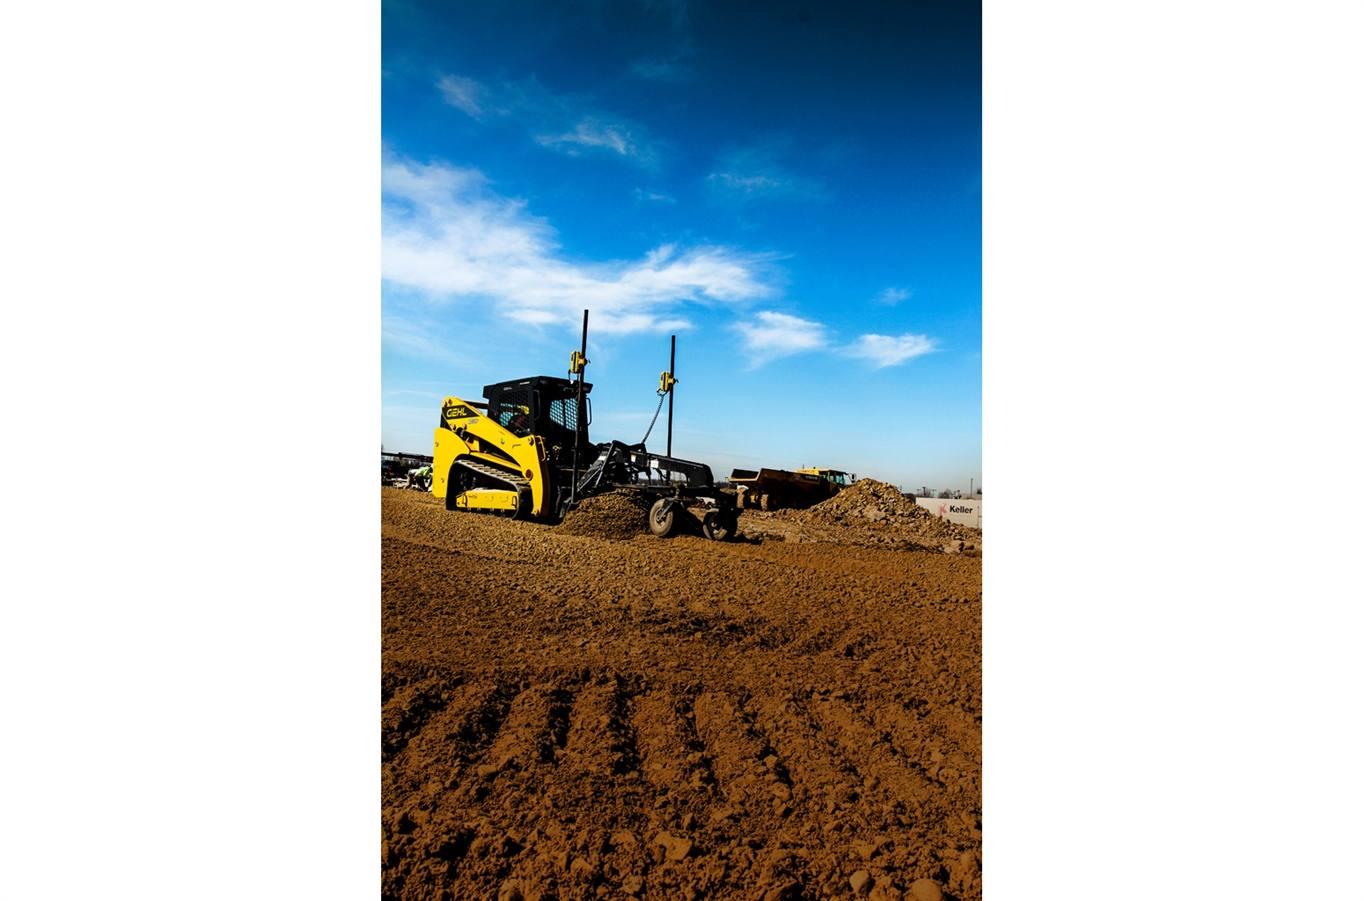 2019 Gehl VT320 Track Loader for sale in Mineral Point, WI